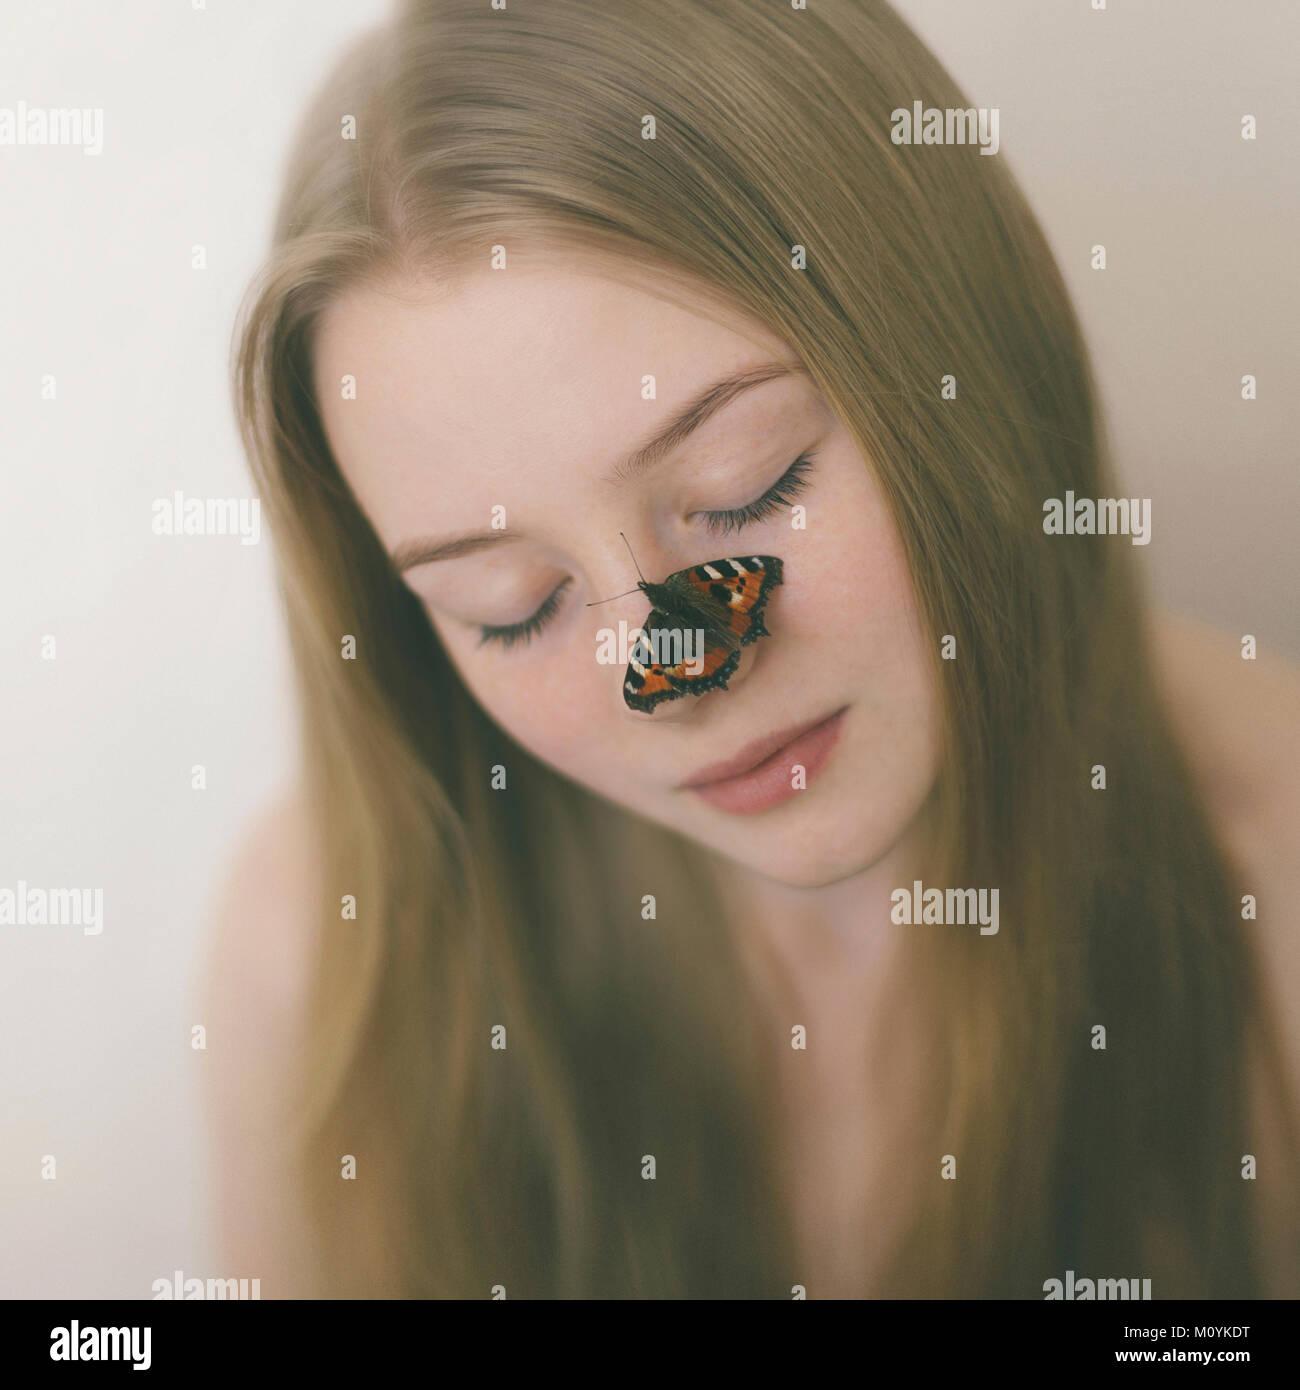 Schmetterling auf der Nase der kaukasischen Jugendmädchen Stockfoto